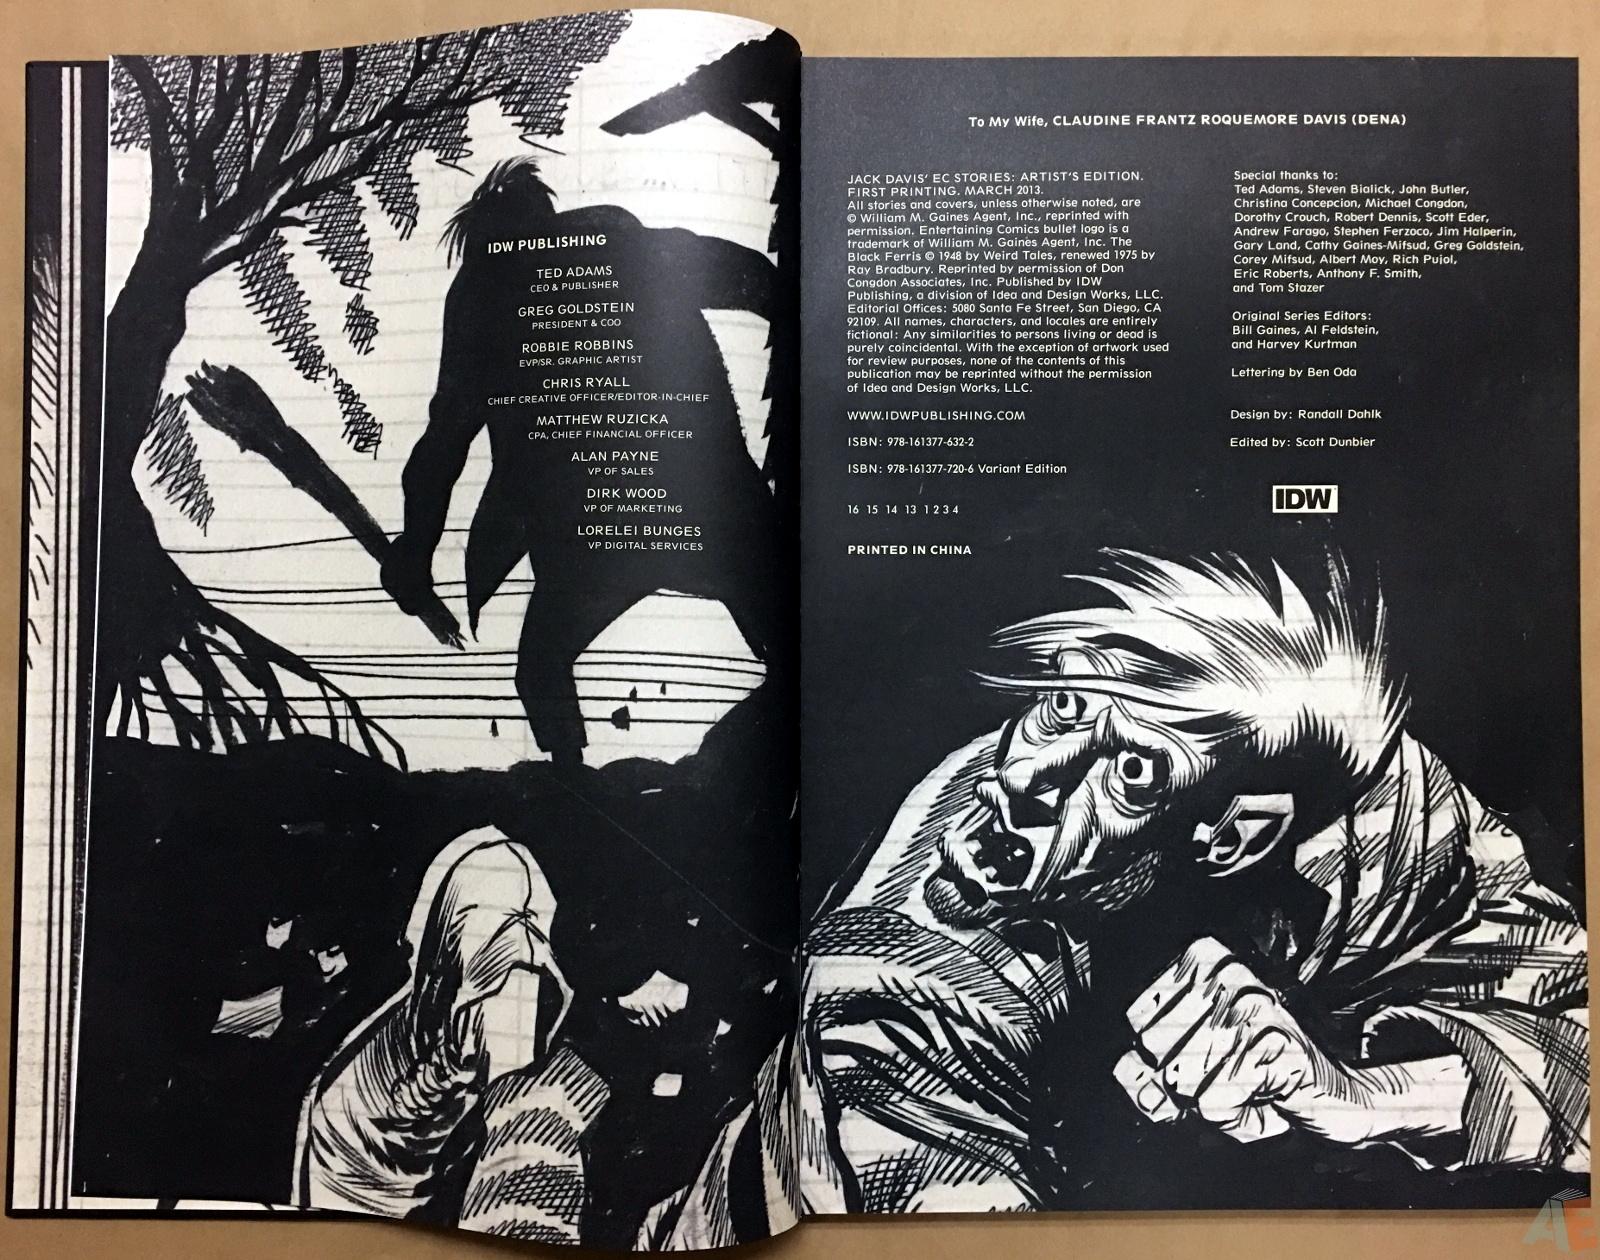 Jack Davis' EC Stories Artist's Edition 4